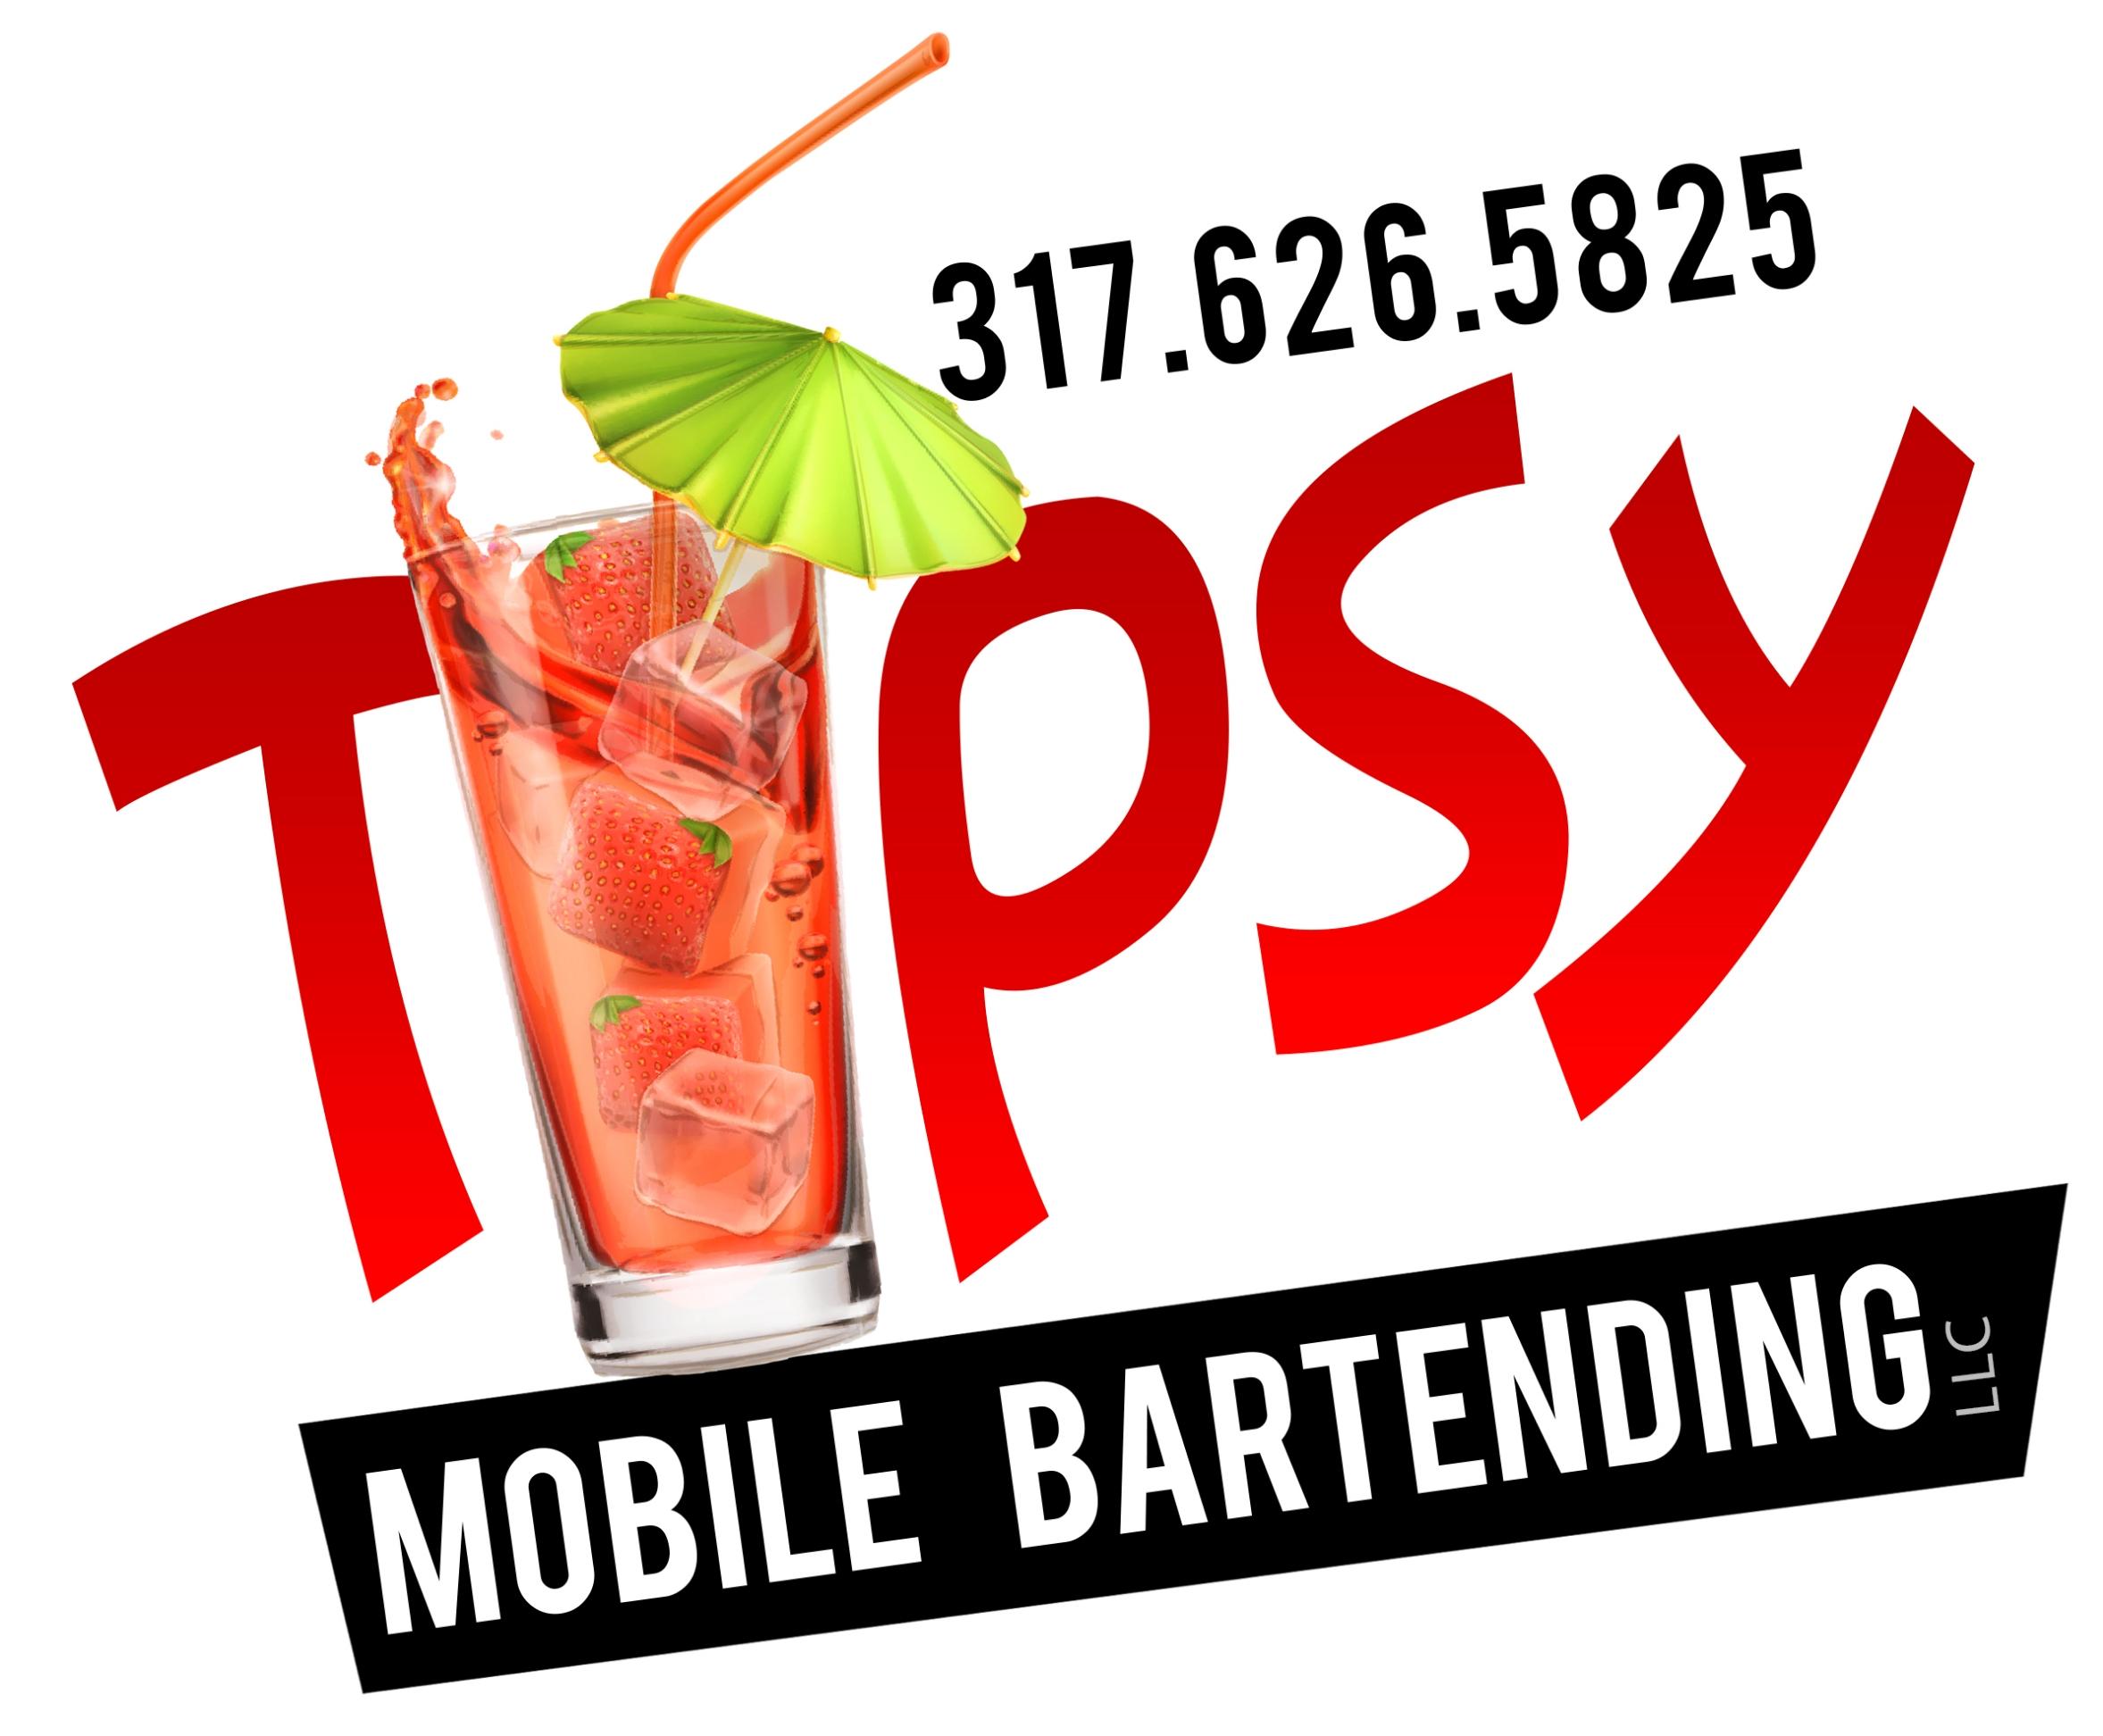 Tipsy Mobile Bartending